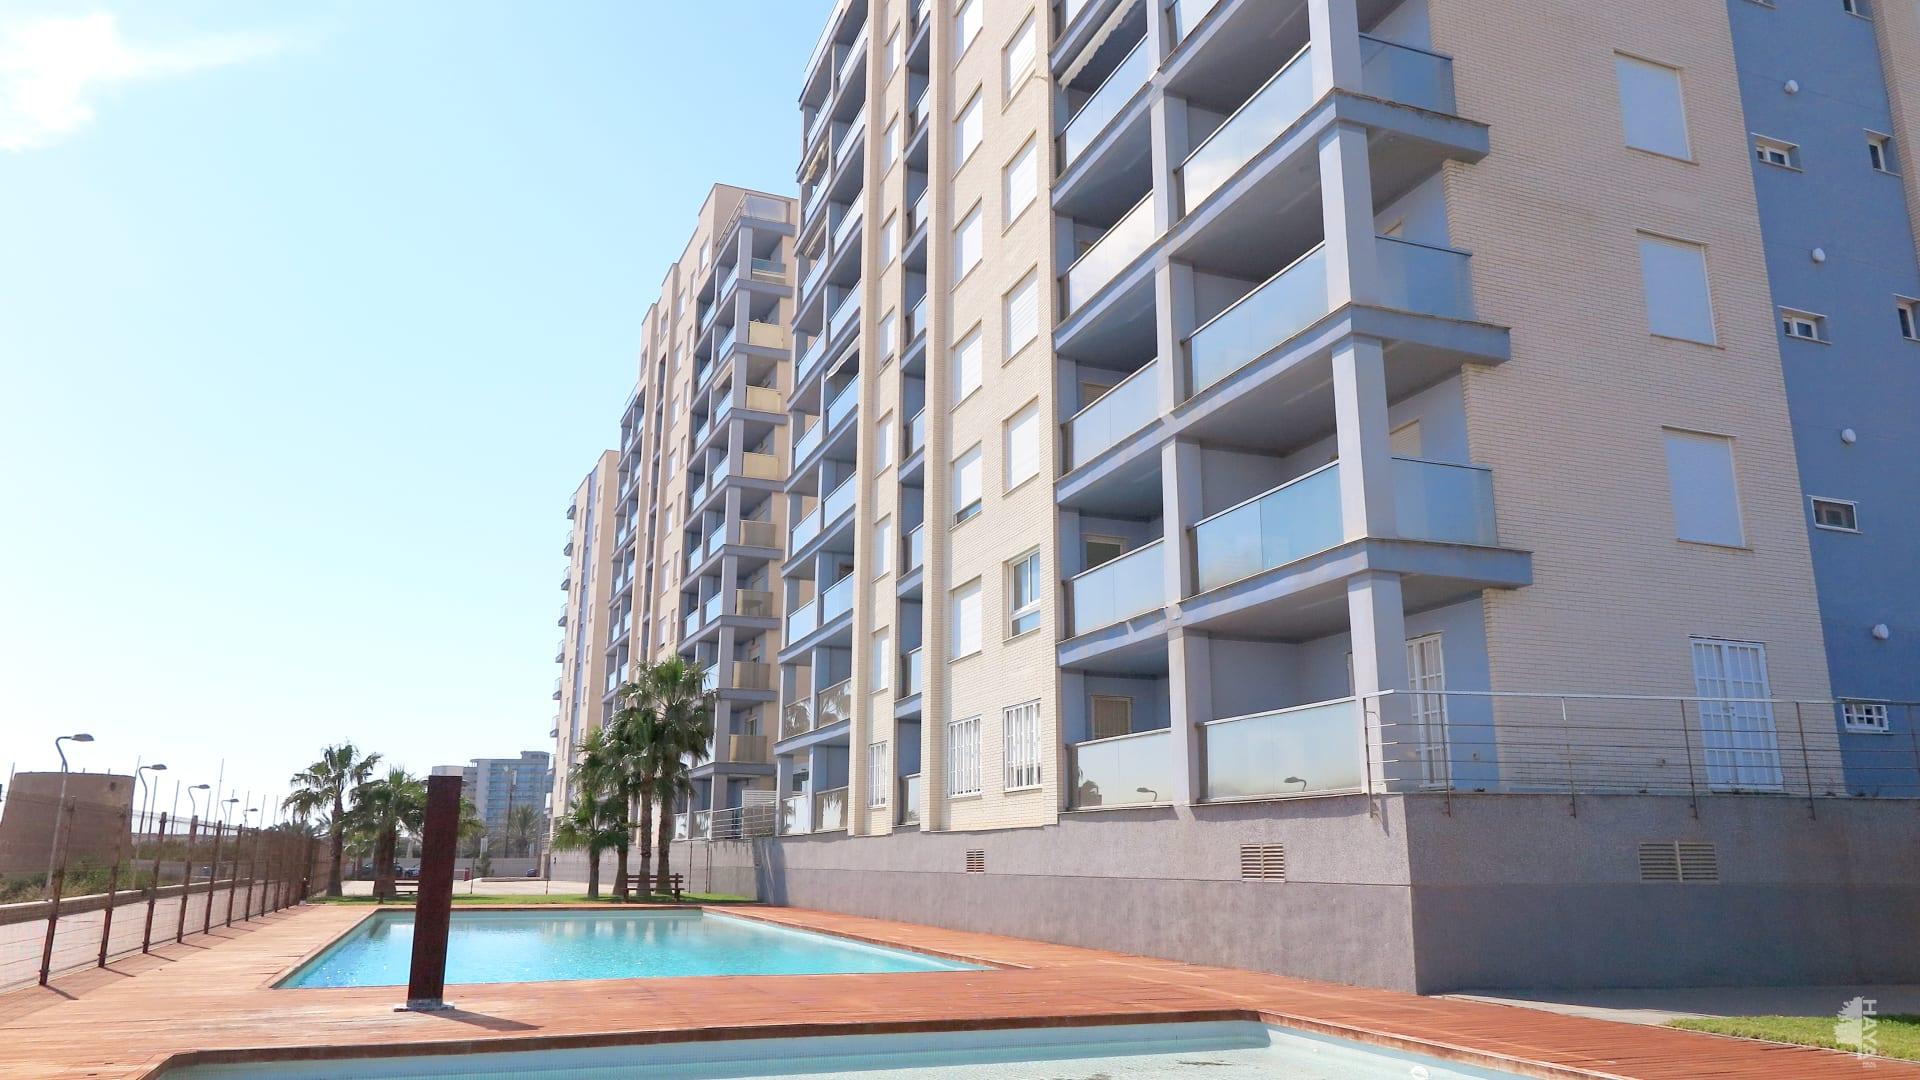 Piso en venta en San Javier, Murcia, Urbanización Veneziola Golf Ii, 186.000 €, 3 habitaciones, 1 baño, 136 m2